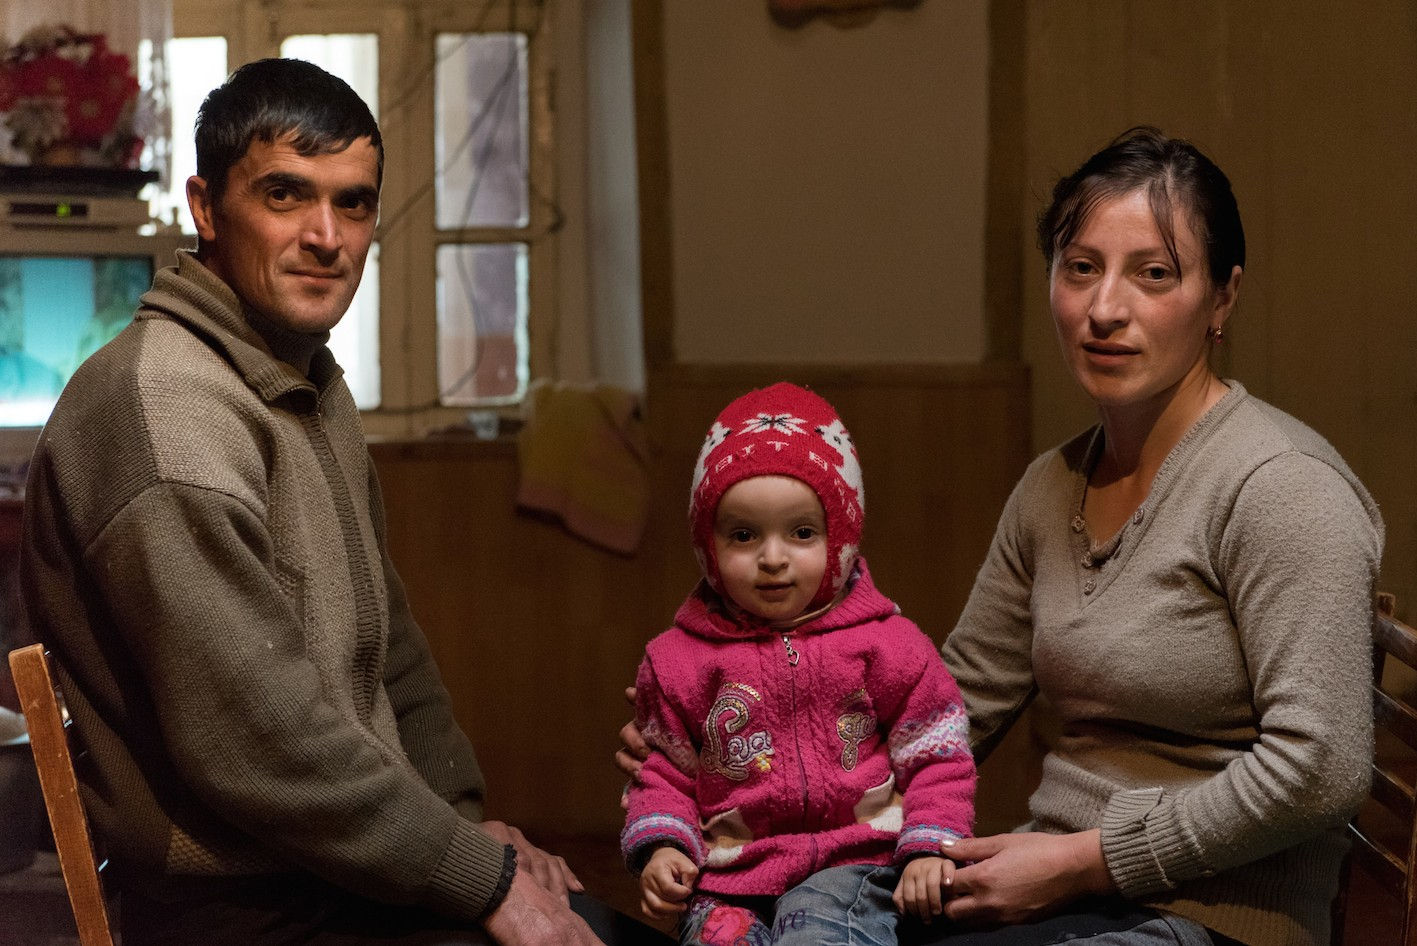 Dans la famille Khalfaïmedov : Zaour, 34 ans, chauffeur, Aïnour, 28 ans, femme au foyer et Nouraï, 2 ans